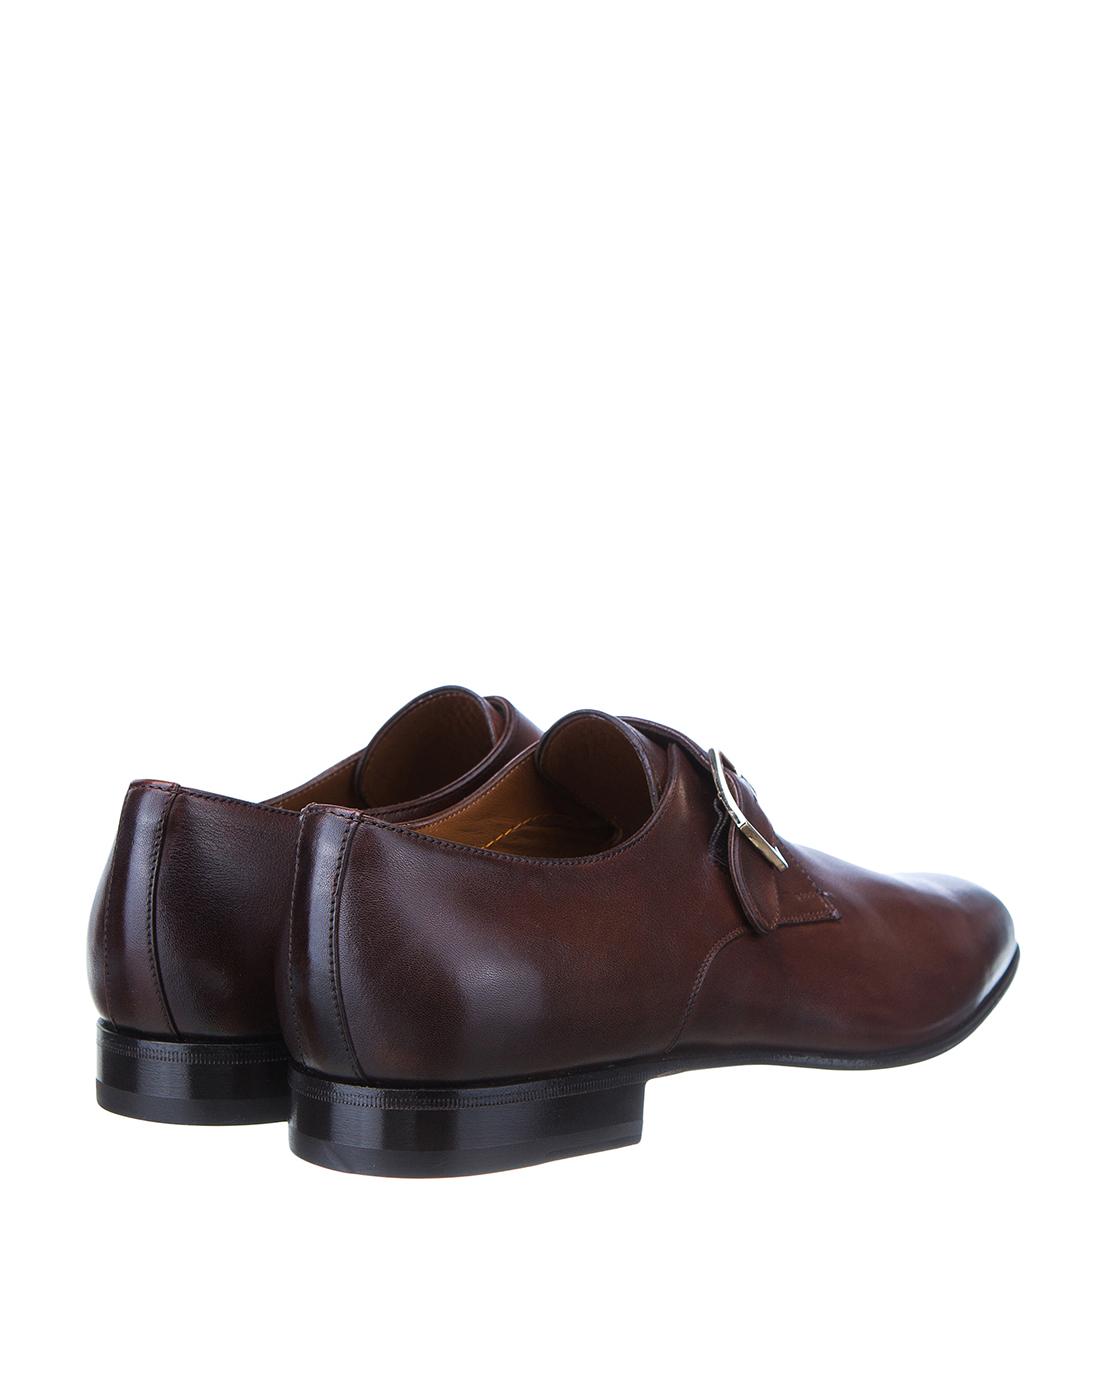 Туфли коричневые мужские Santoni SMCKE16478LA1NGTQM48-3